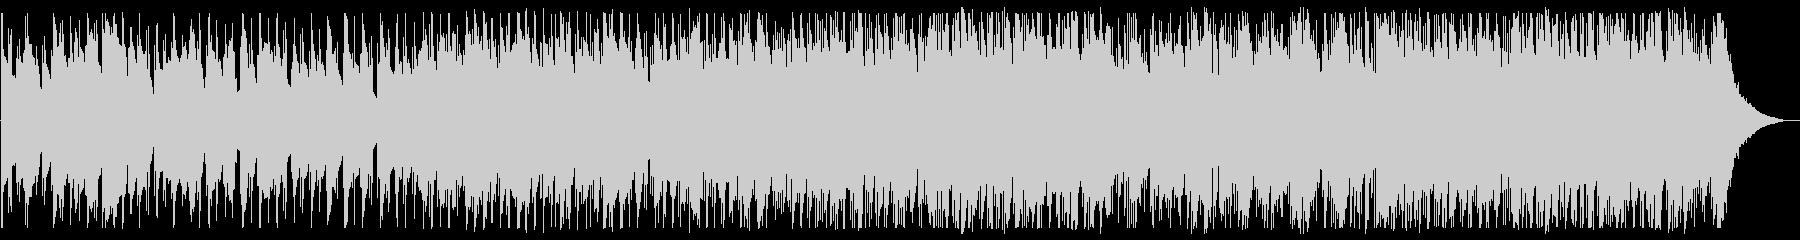 パッヘルベルのカノン(acoustic)の未再生の波形